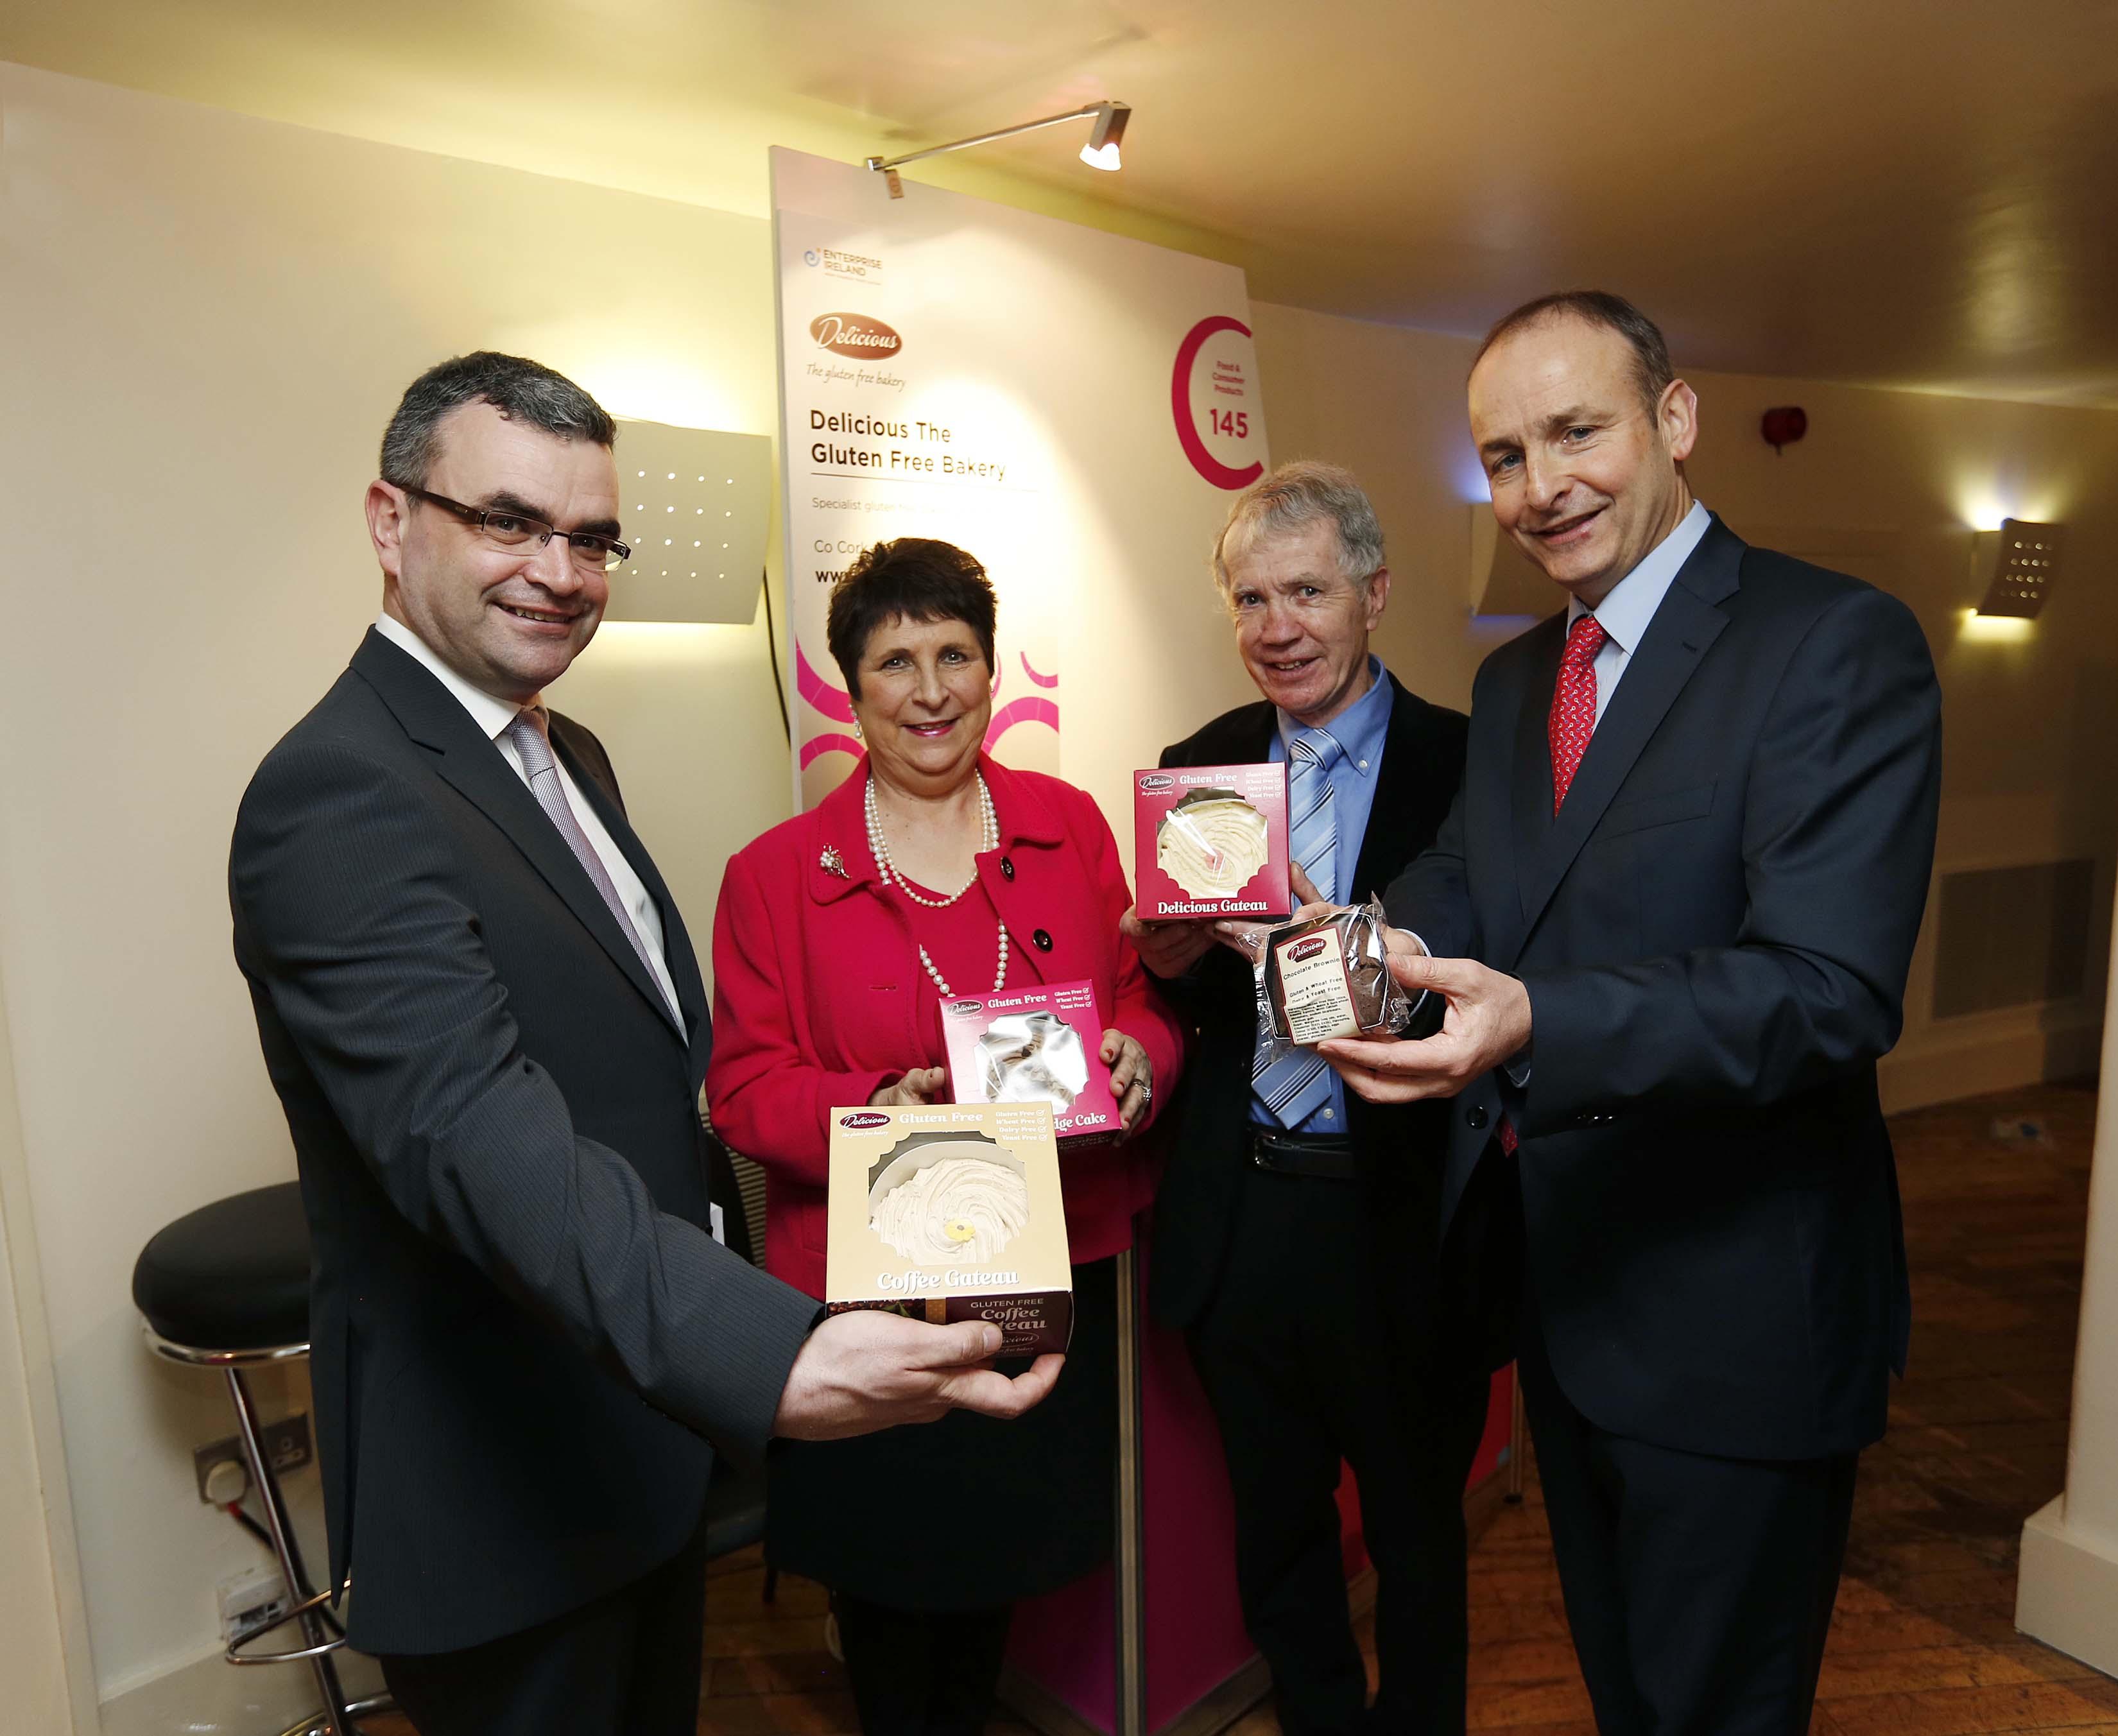 FF Leader praises ingenuity of Cork start-up